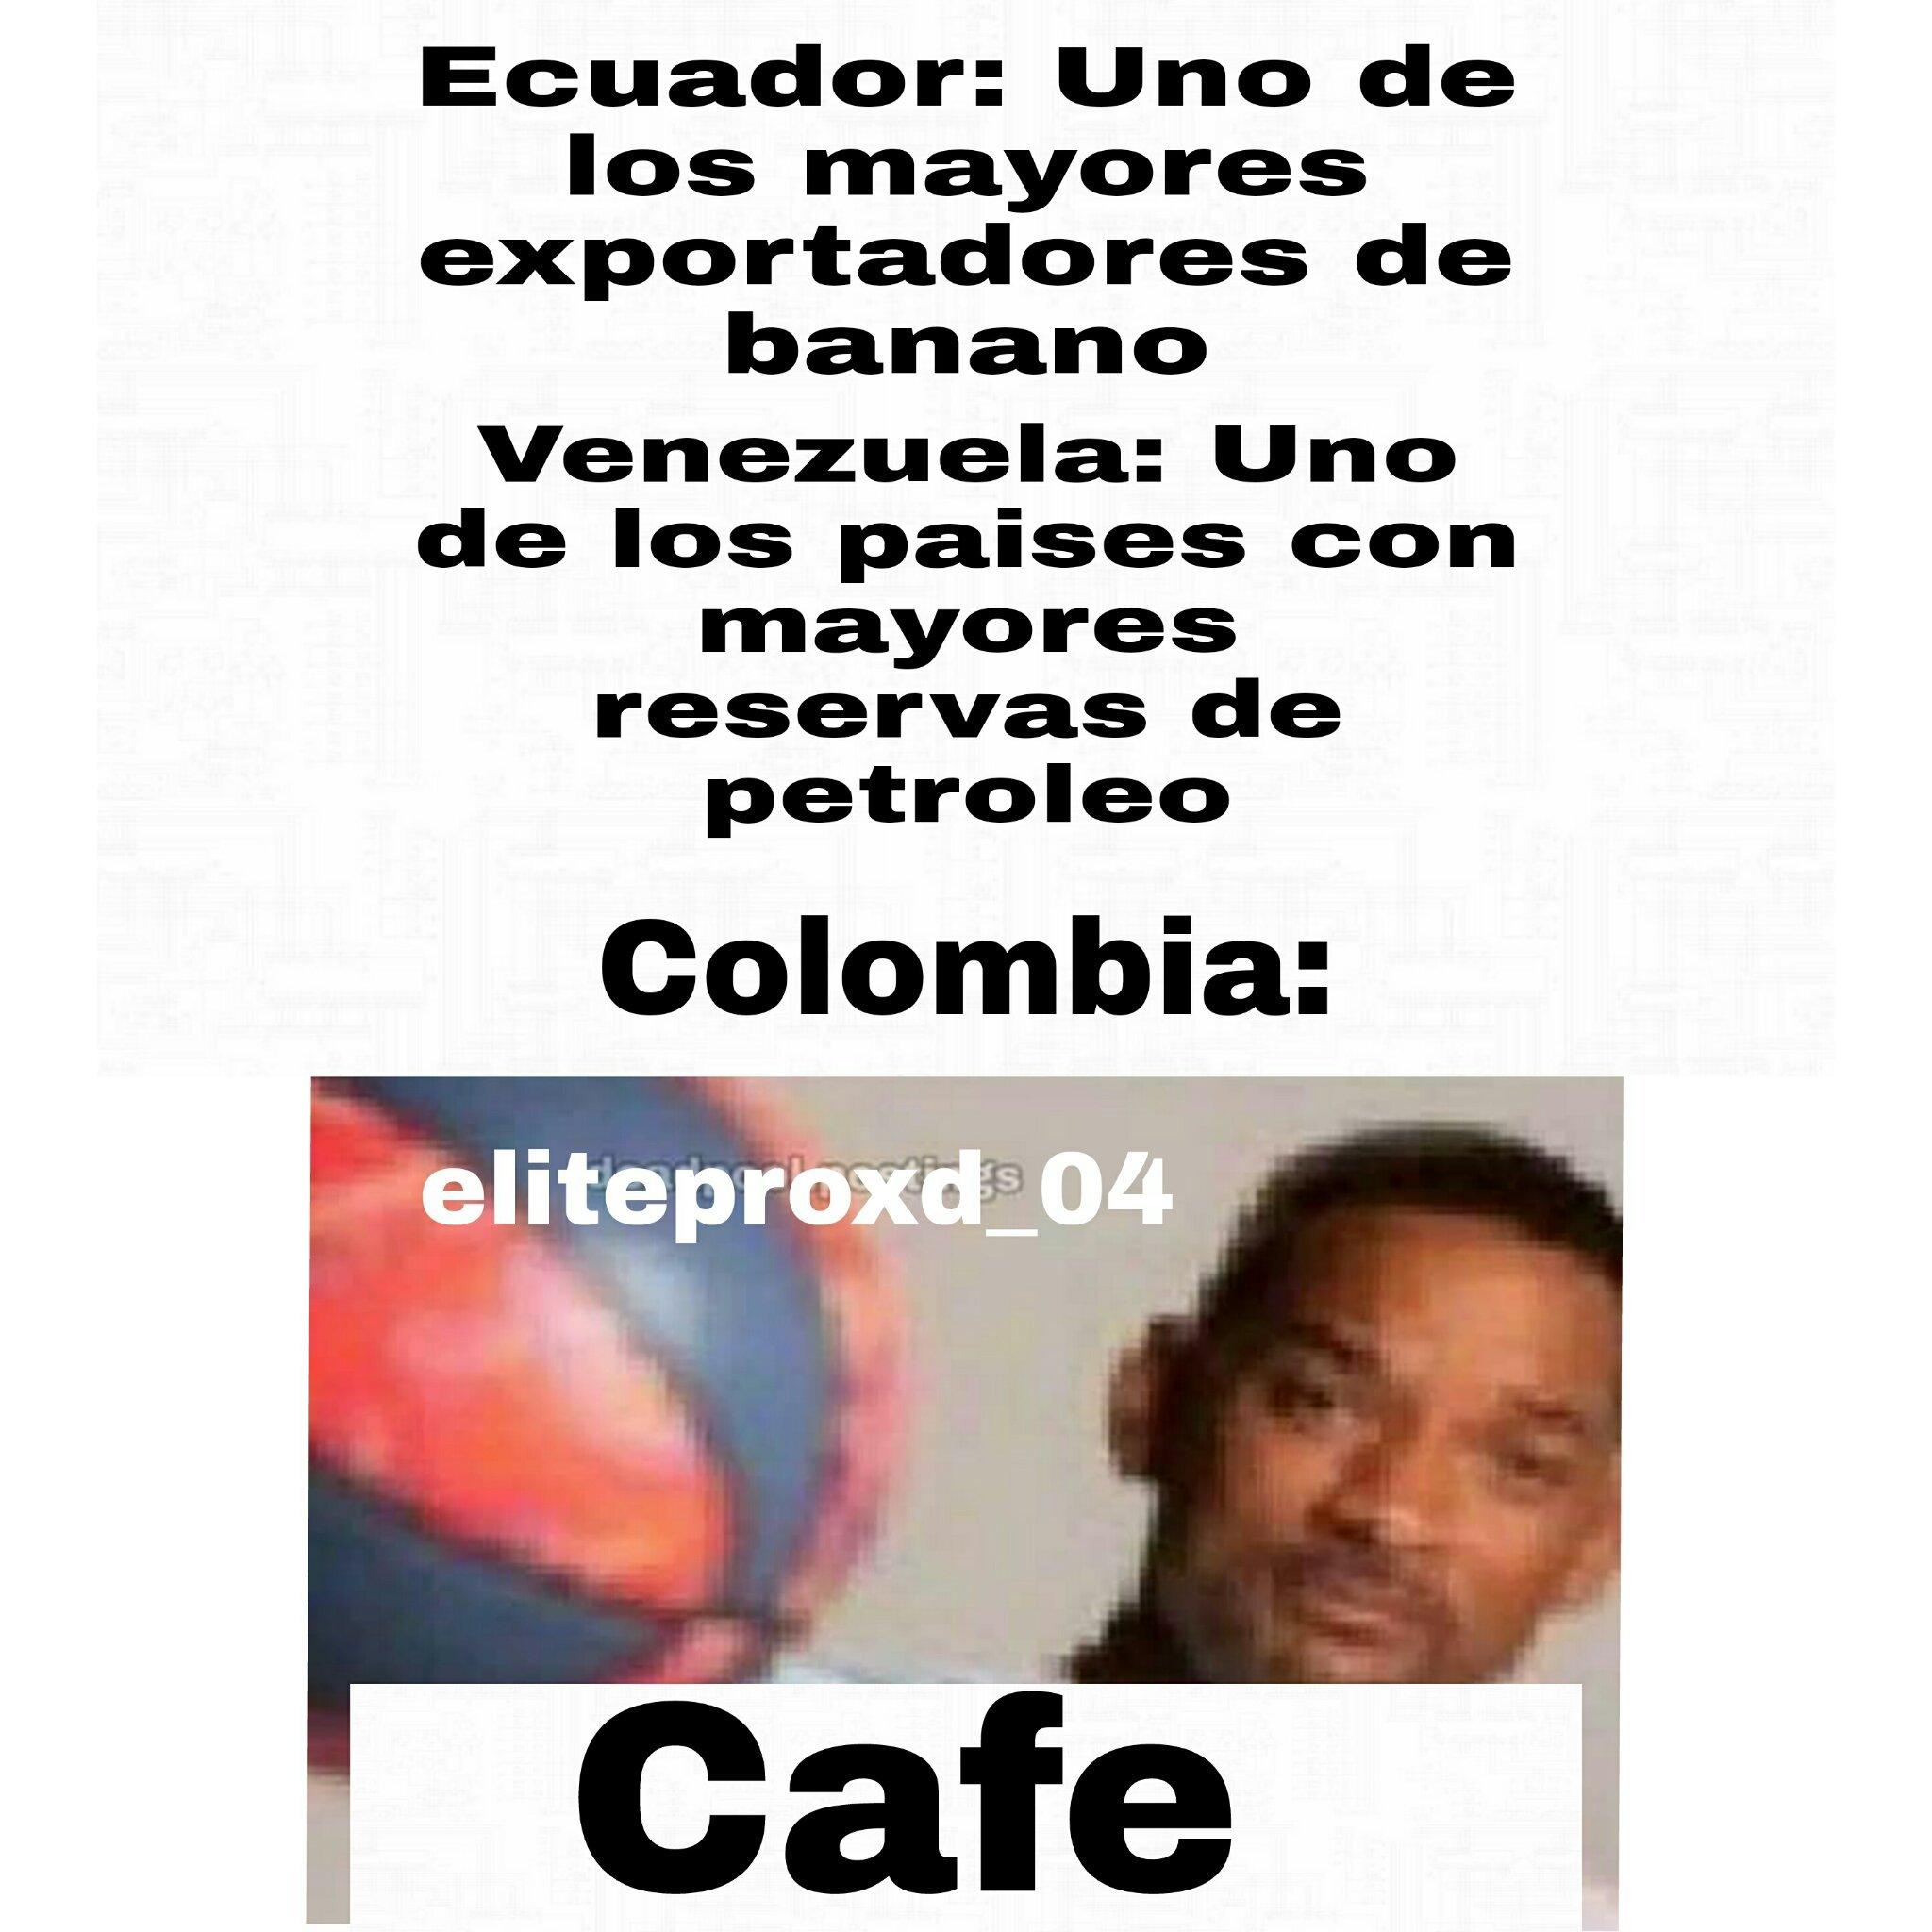 El cafe es vida - meme